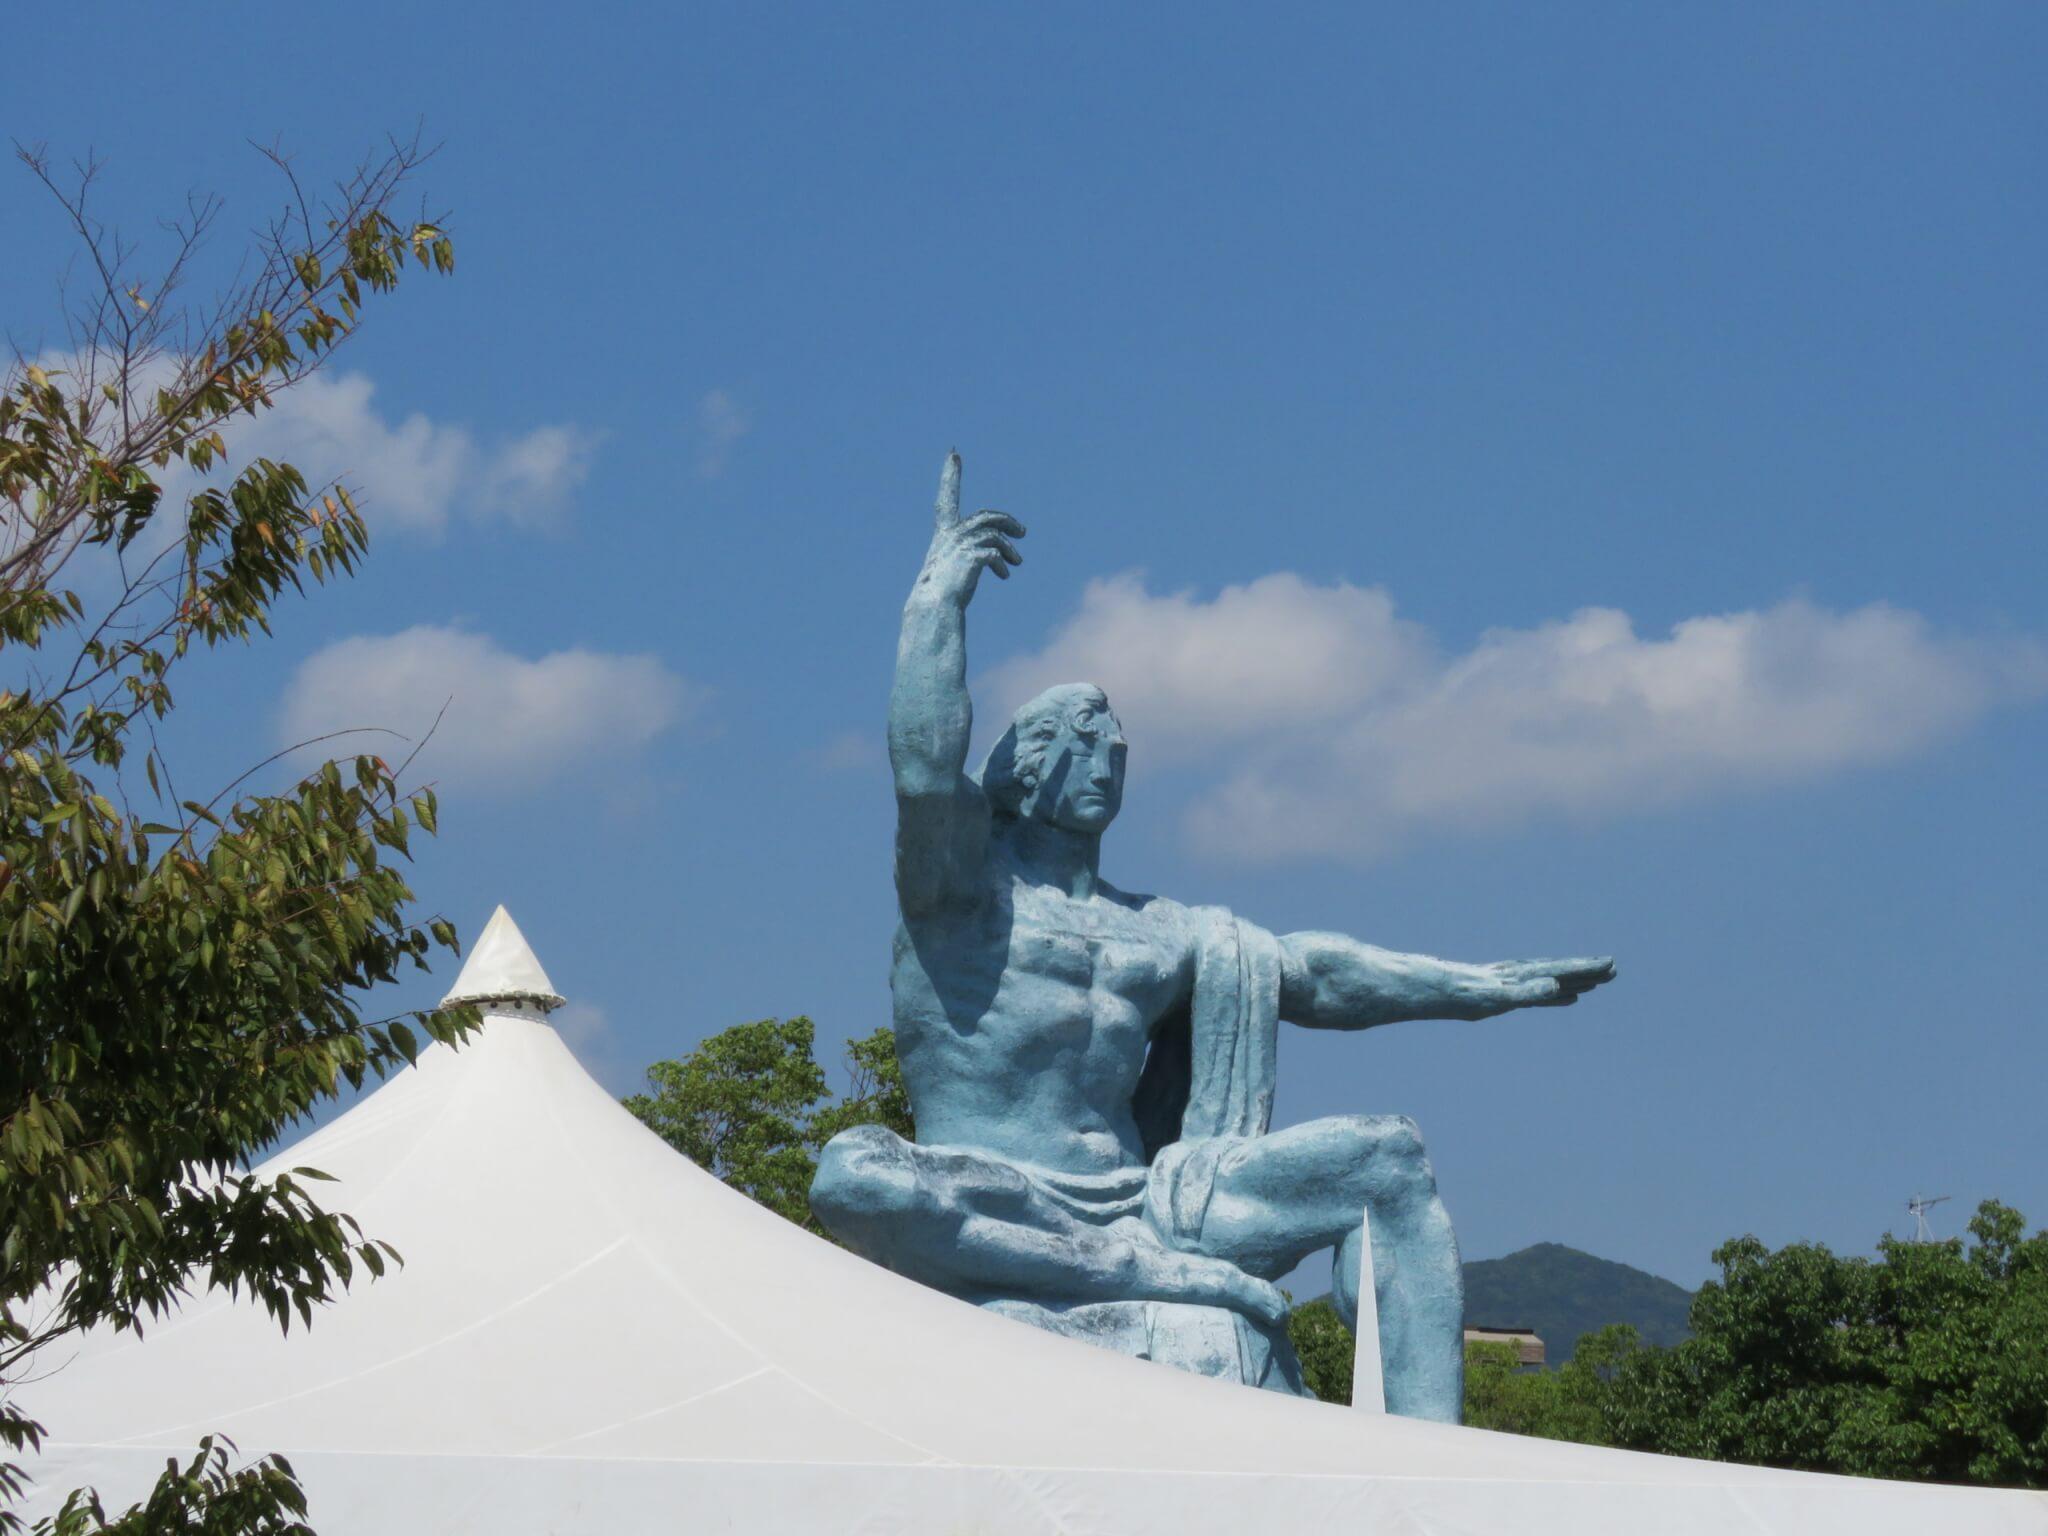 平和祈念像「上に指さした右手は原爆の脅威を、水平にのばした左手は平和を示し、顔は戦争犠牲者の冥福を祈る」作者:北村西聖